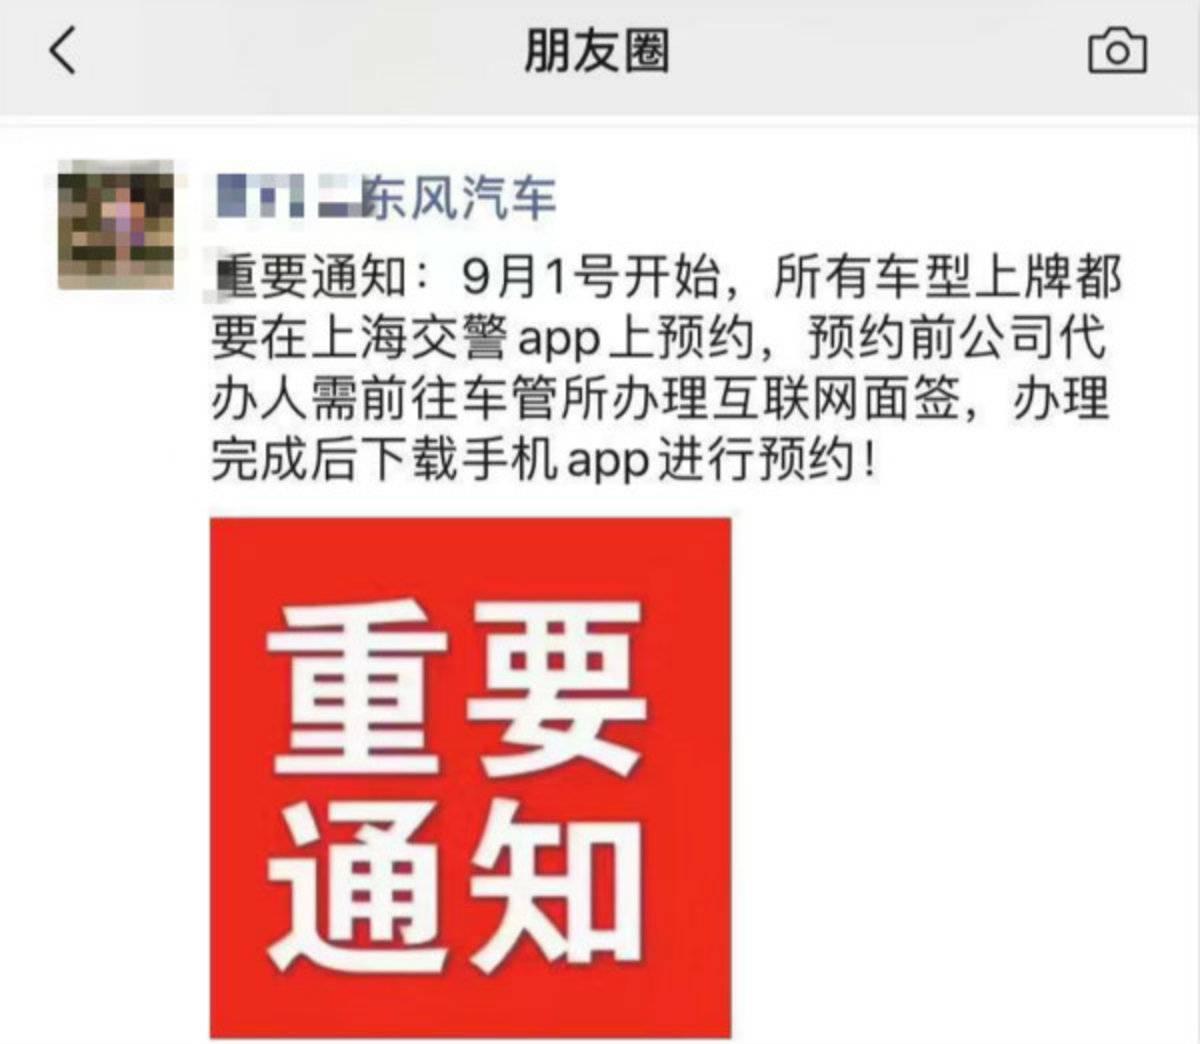 上海:9月1日起所有车型上牌必须面签